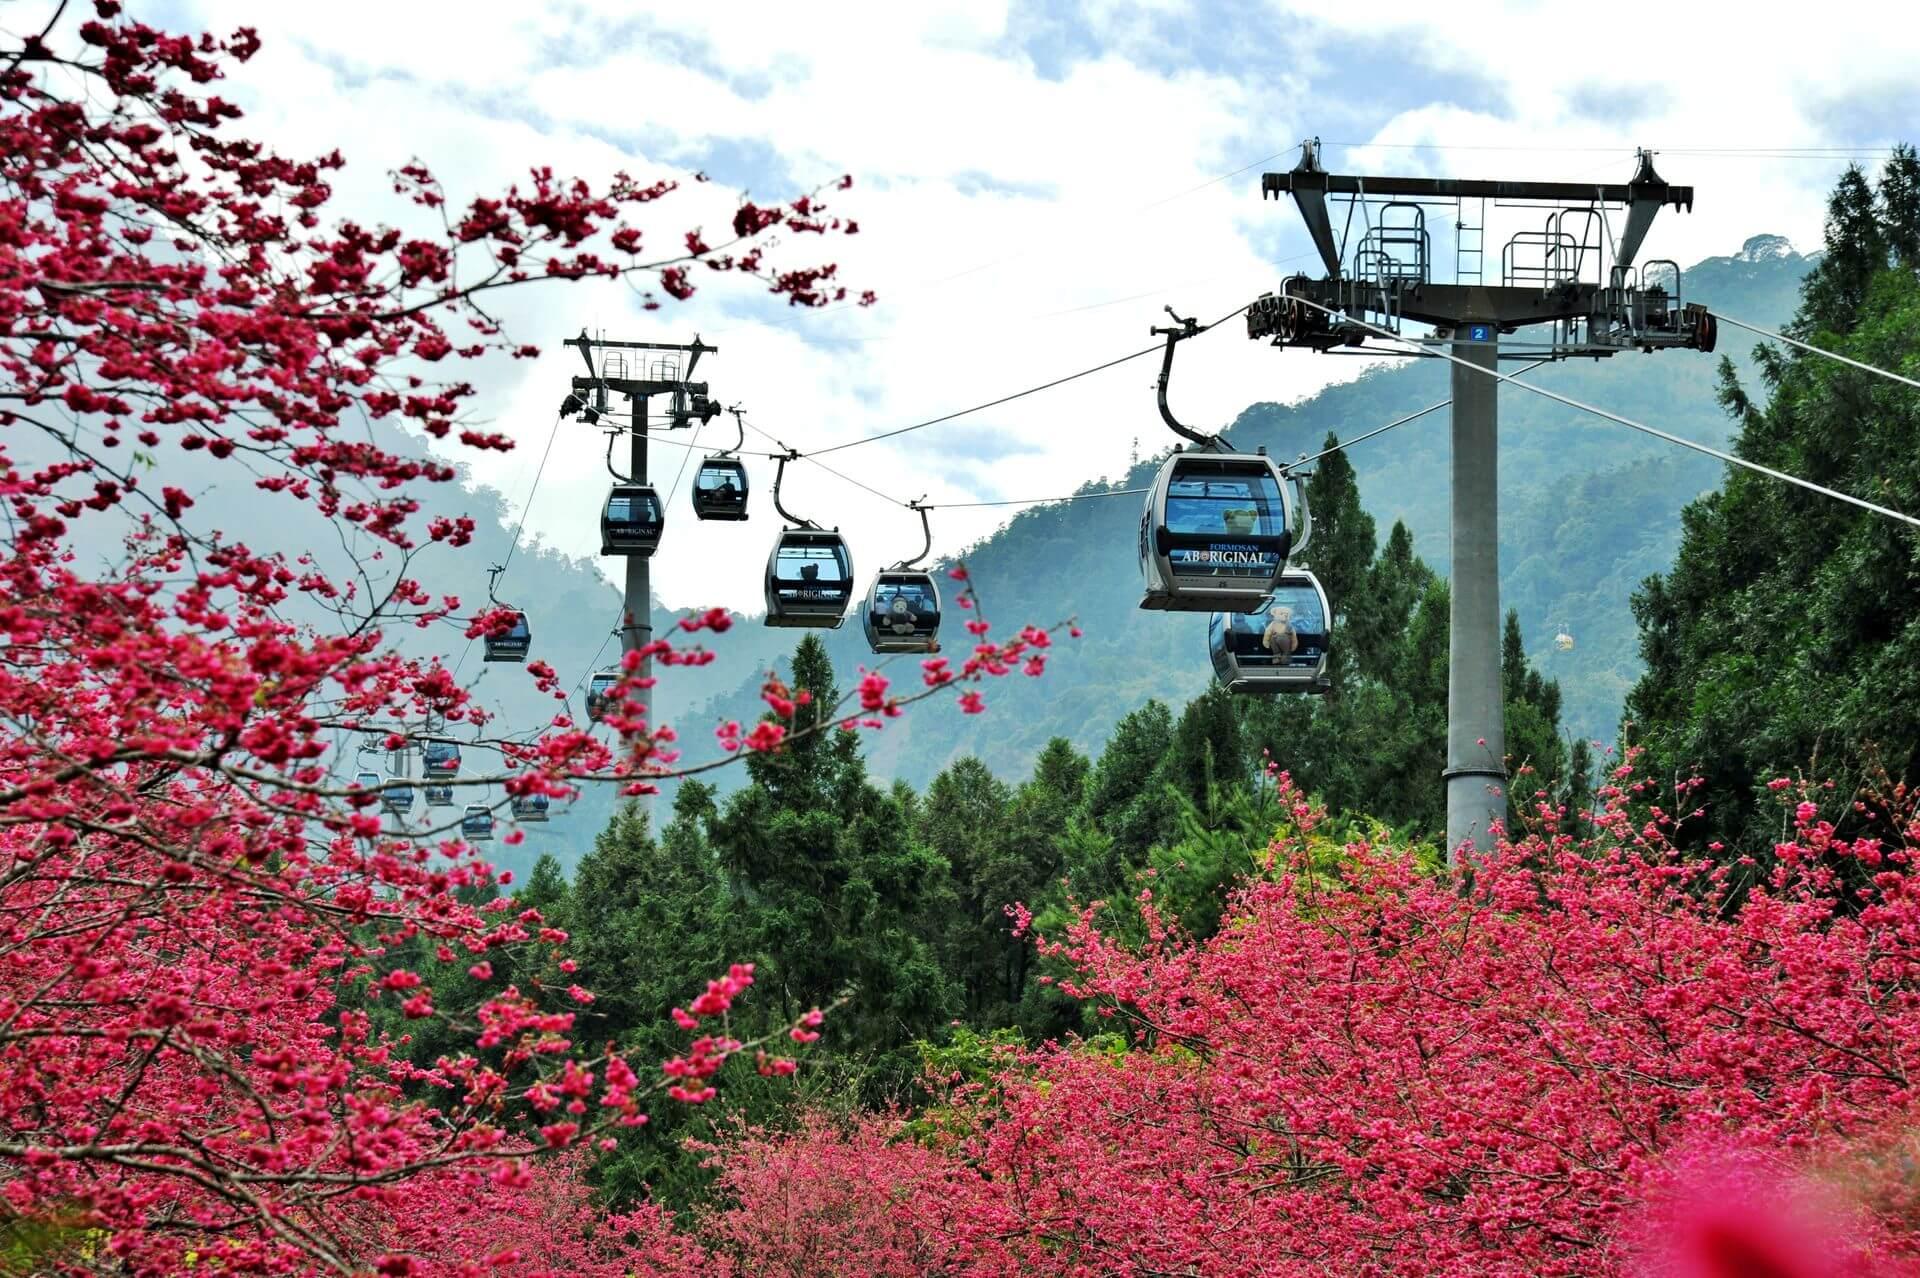 【2020九族櫻花祭】早鳥票熱賣中!1/30 就到日月潭賞櫻、遊湖、坐纜車